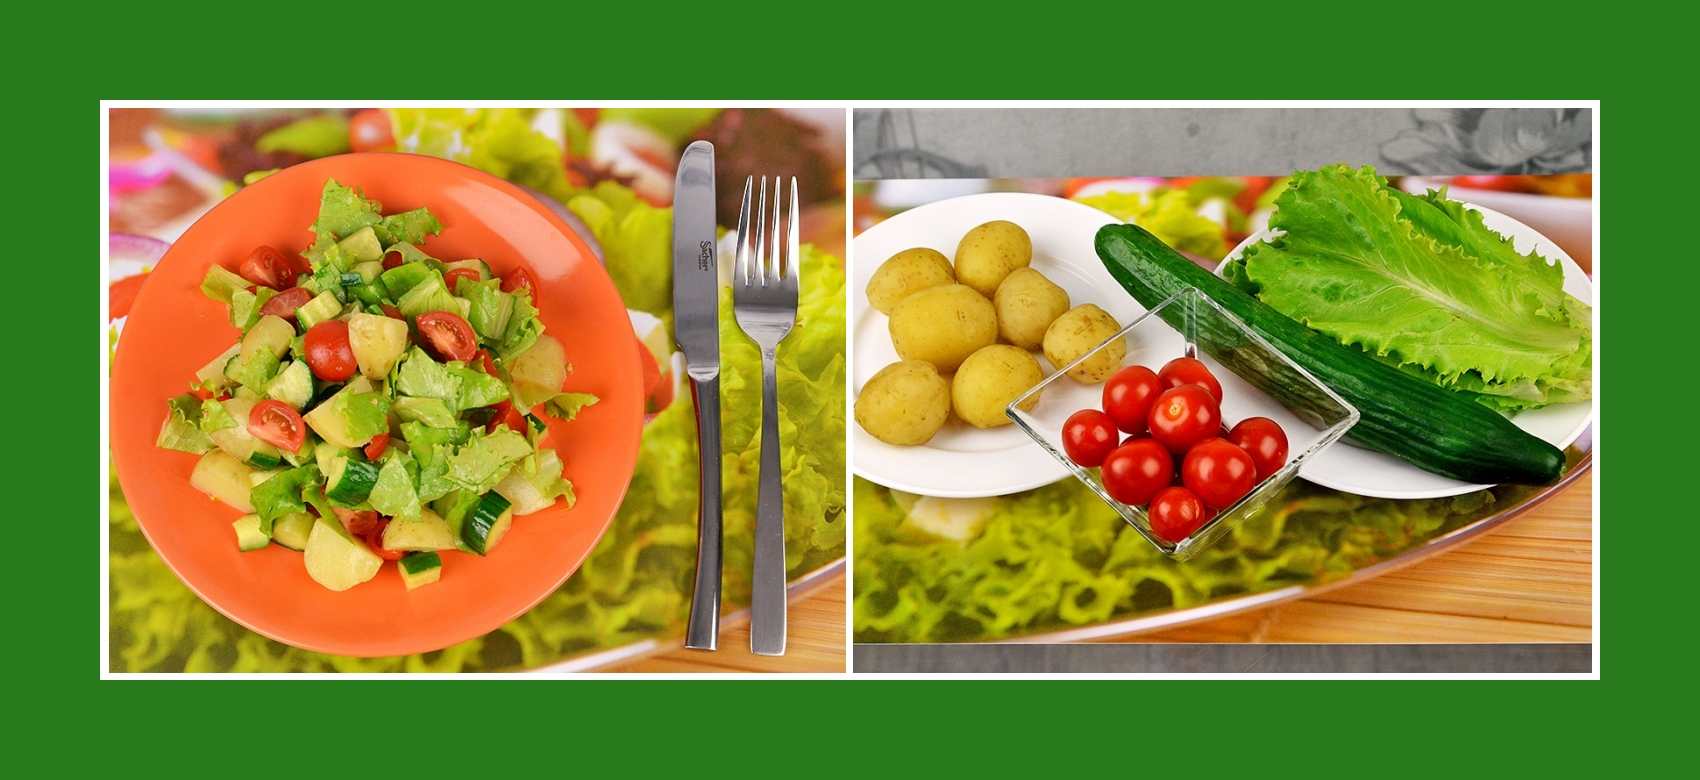 Knuspriger Salat mit Frühkartoffeln, Gurken, Cherrytomaten und Salatblättern